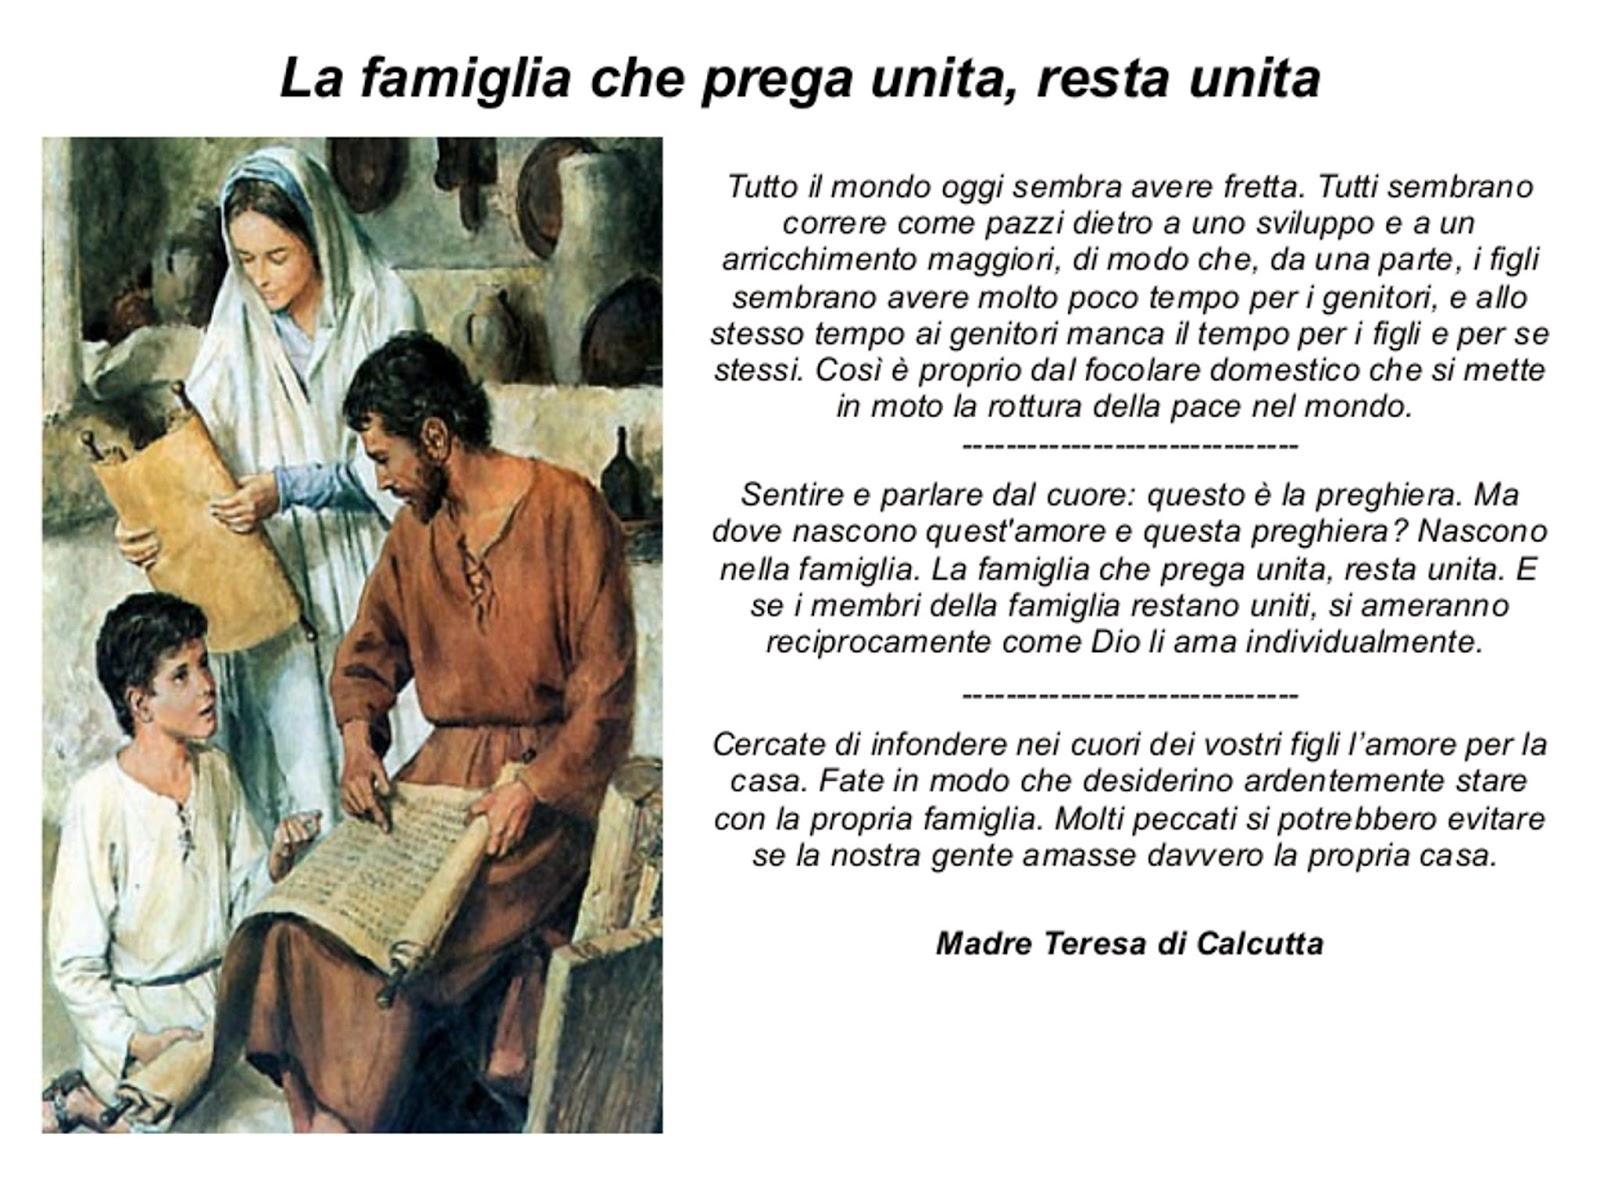 Preferenza IL MIO AMICO GESÙ: La famiglia che prega unita, resta unita. ER48